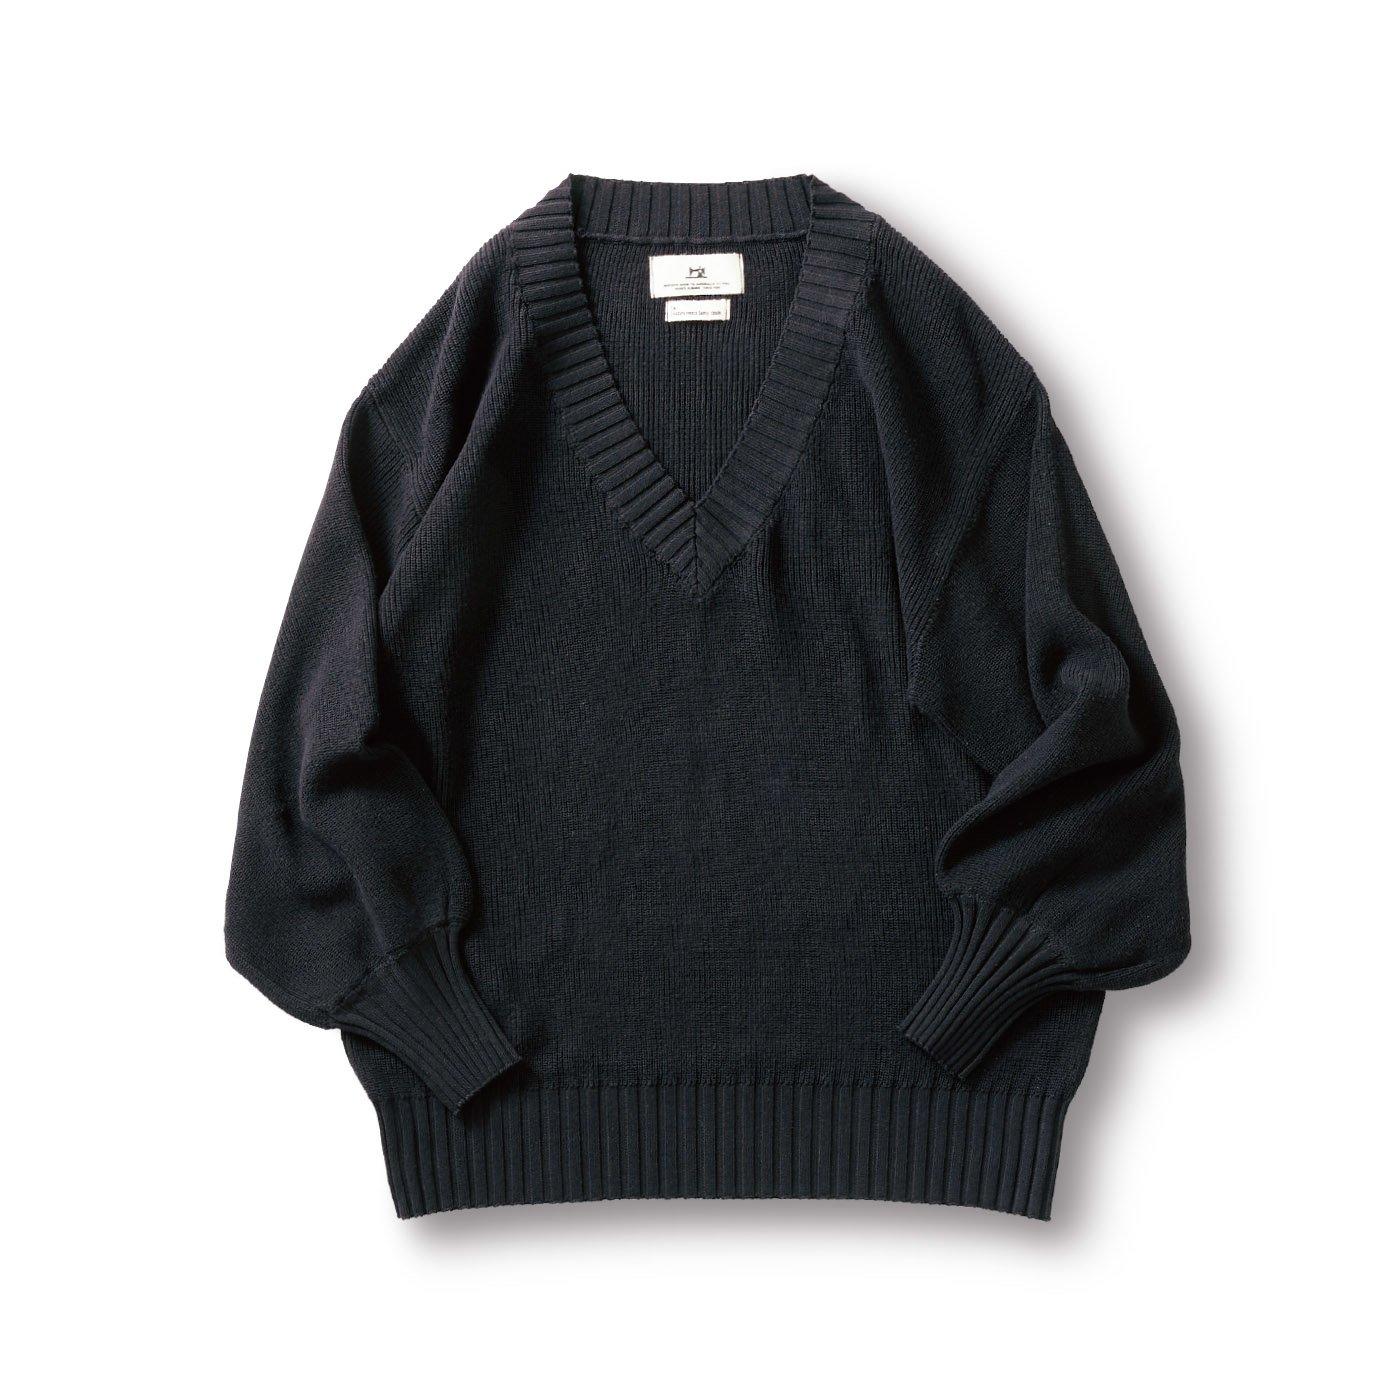 サニークラウズ kazumiのワイドVネックセーター〈レディース〉